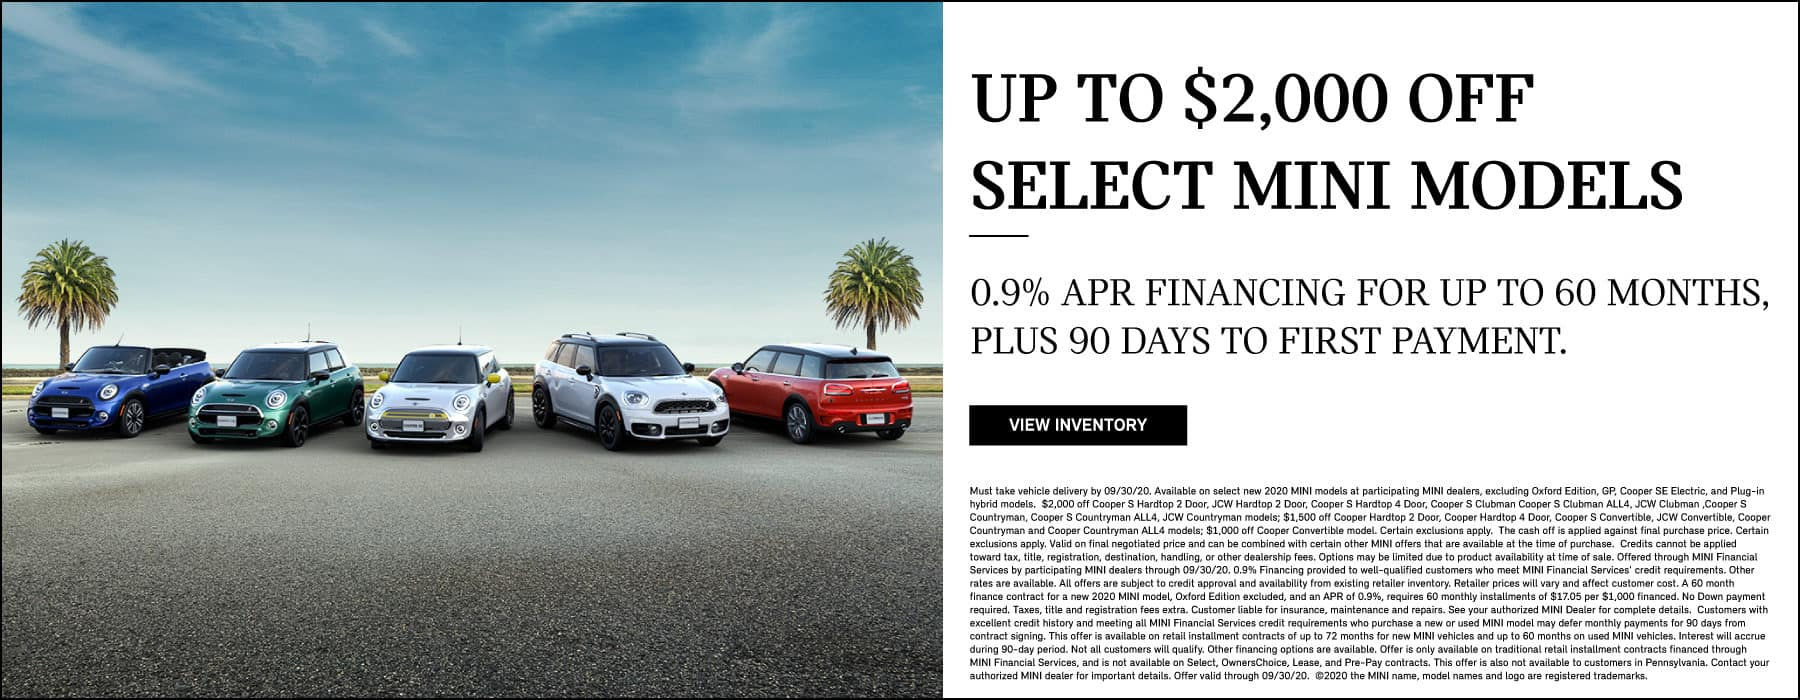 Sept20_Finance_Offer_Disclaimer(Dealer Inspire)